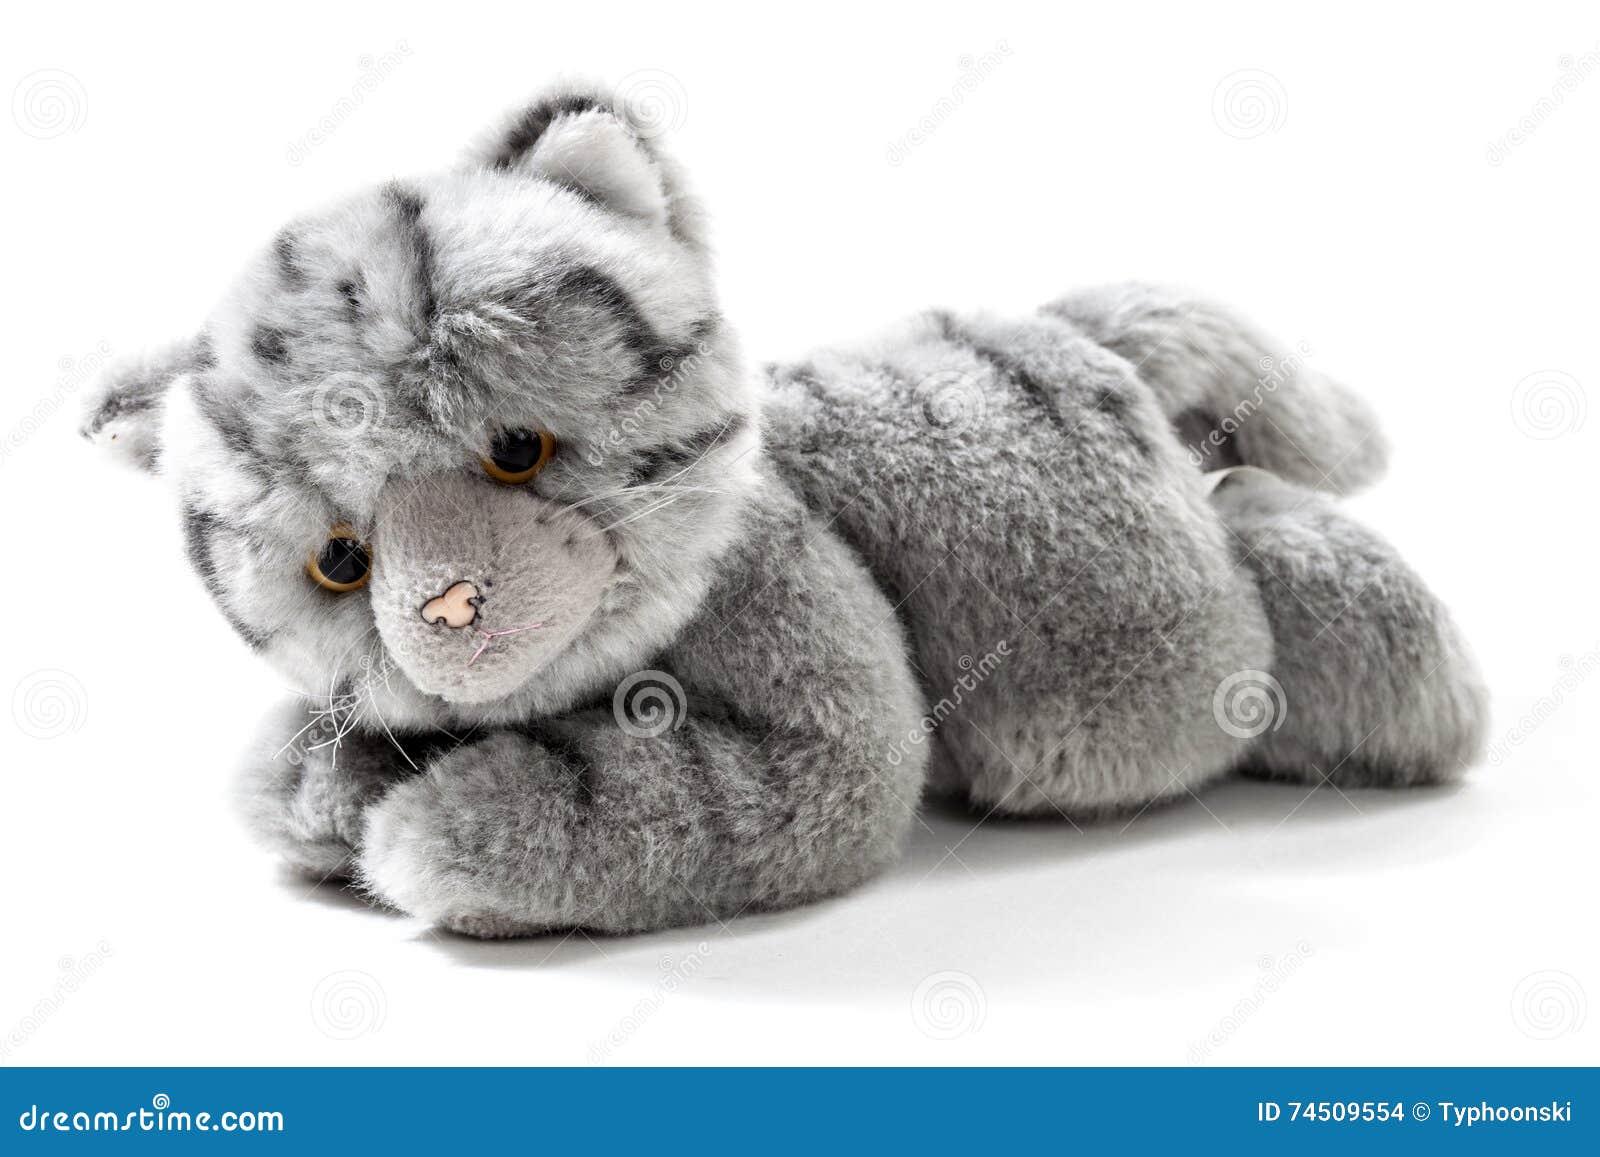 Stuffed Animal Cat Stock Photo Image Of White Background 74509554